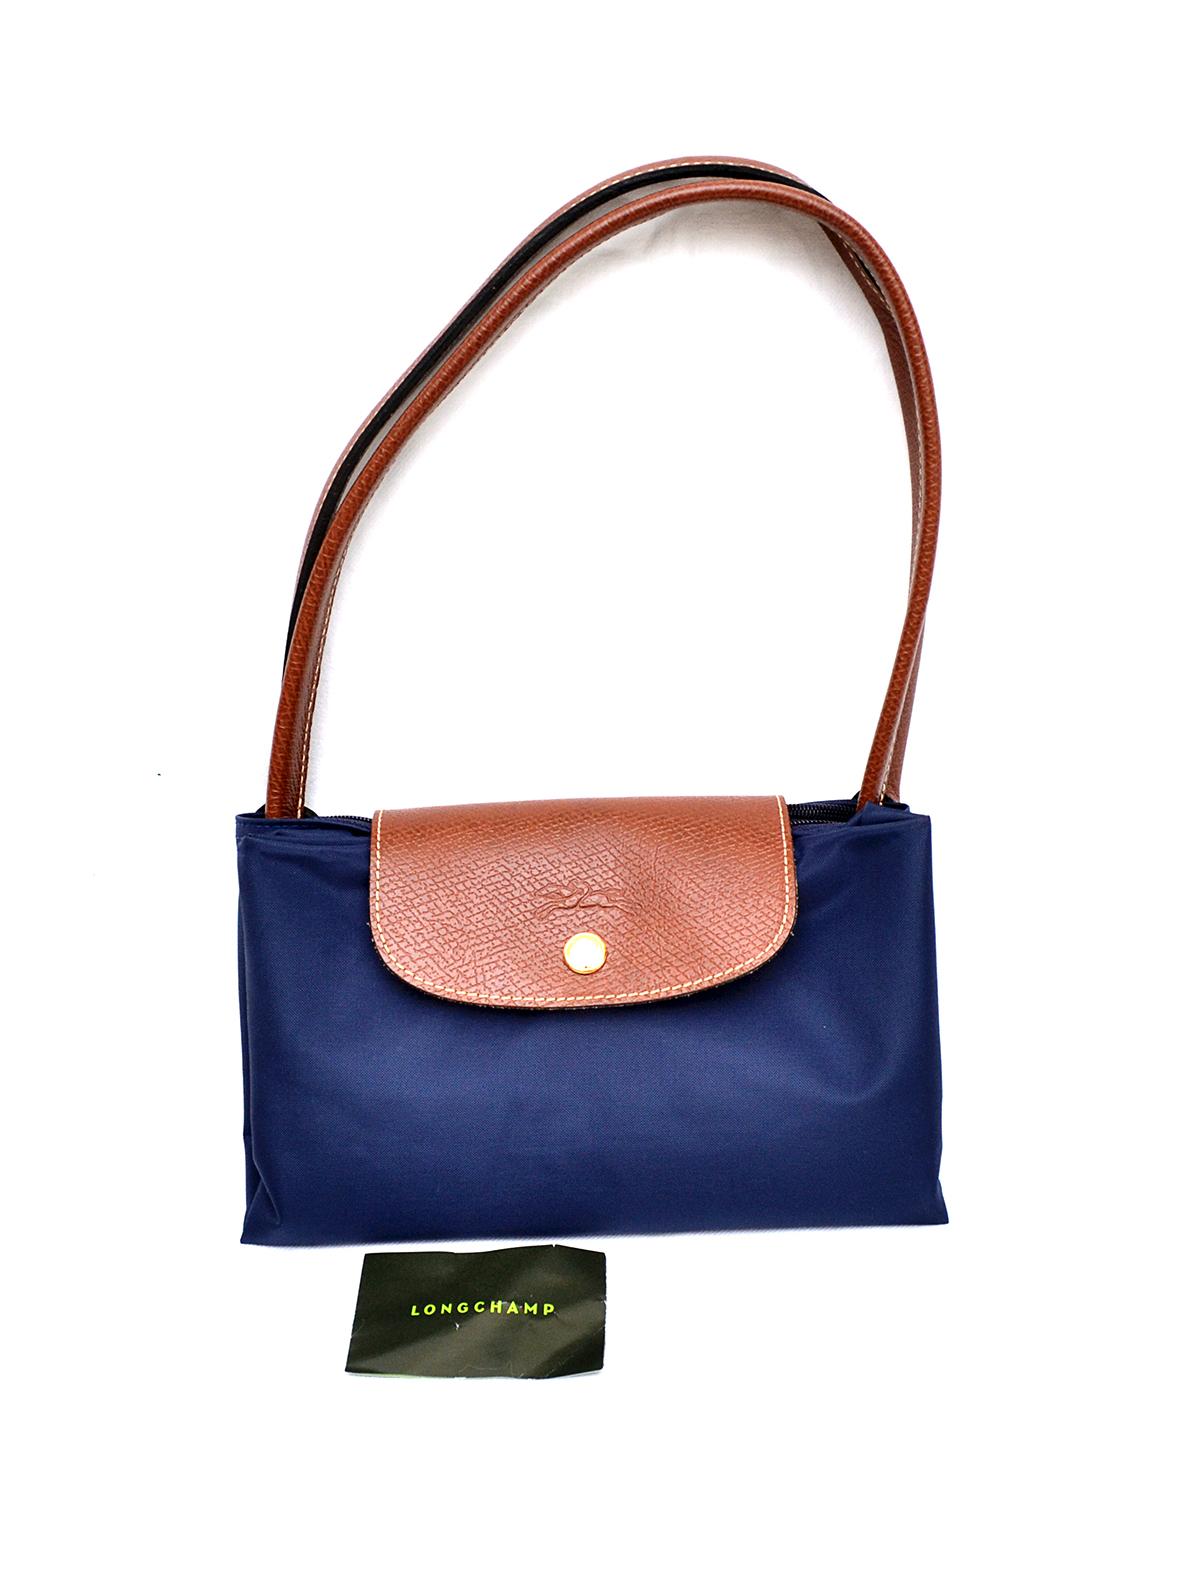 Longchamp Le Pliage Shopping - Modele Depose Tote Bag - Size L